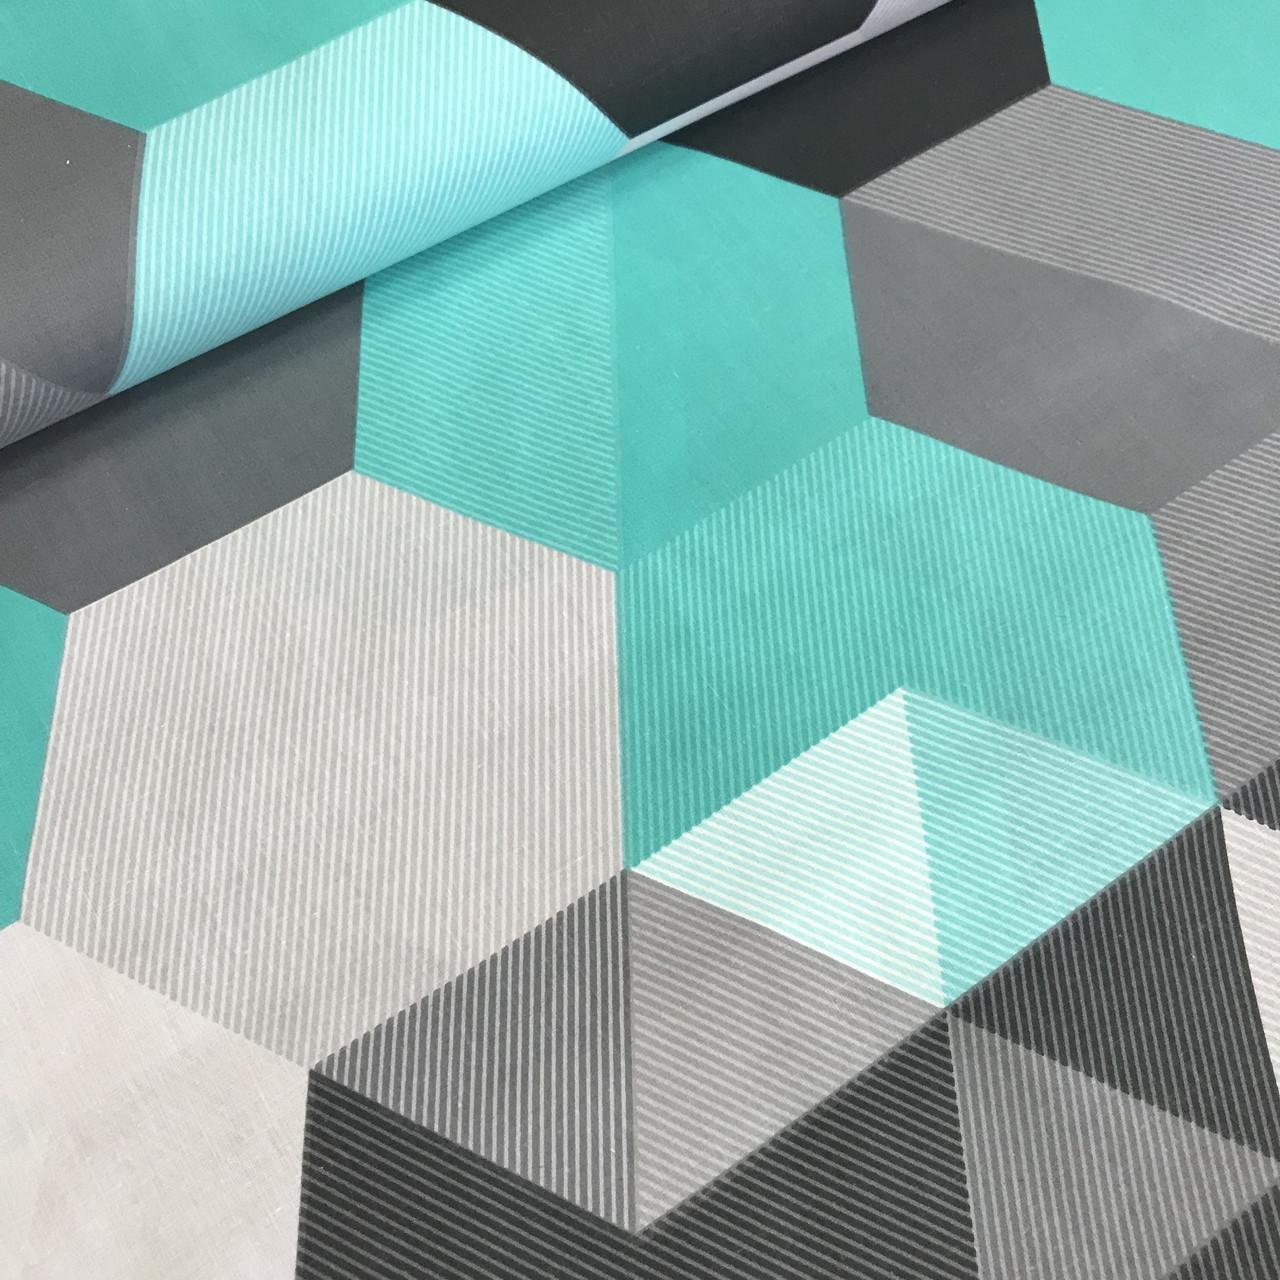 Хлопковая детская бязь польская треугольники и ромбы бирюзовые, серые, черные